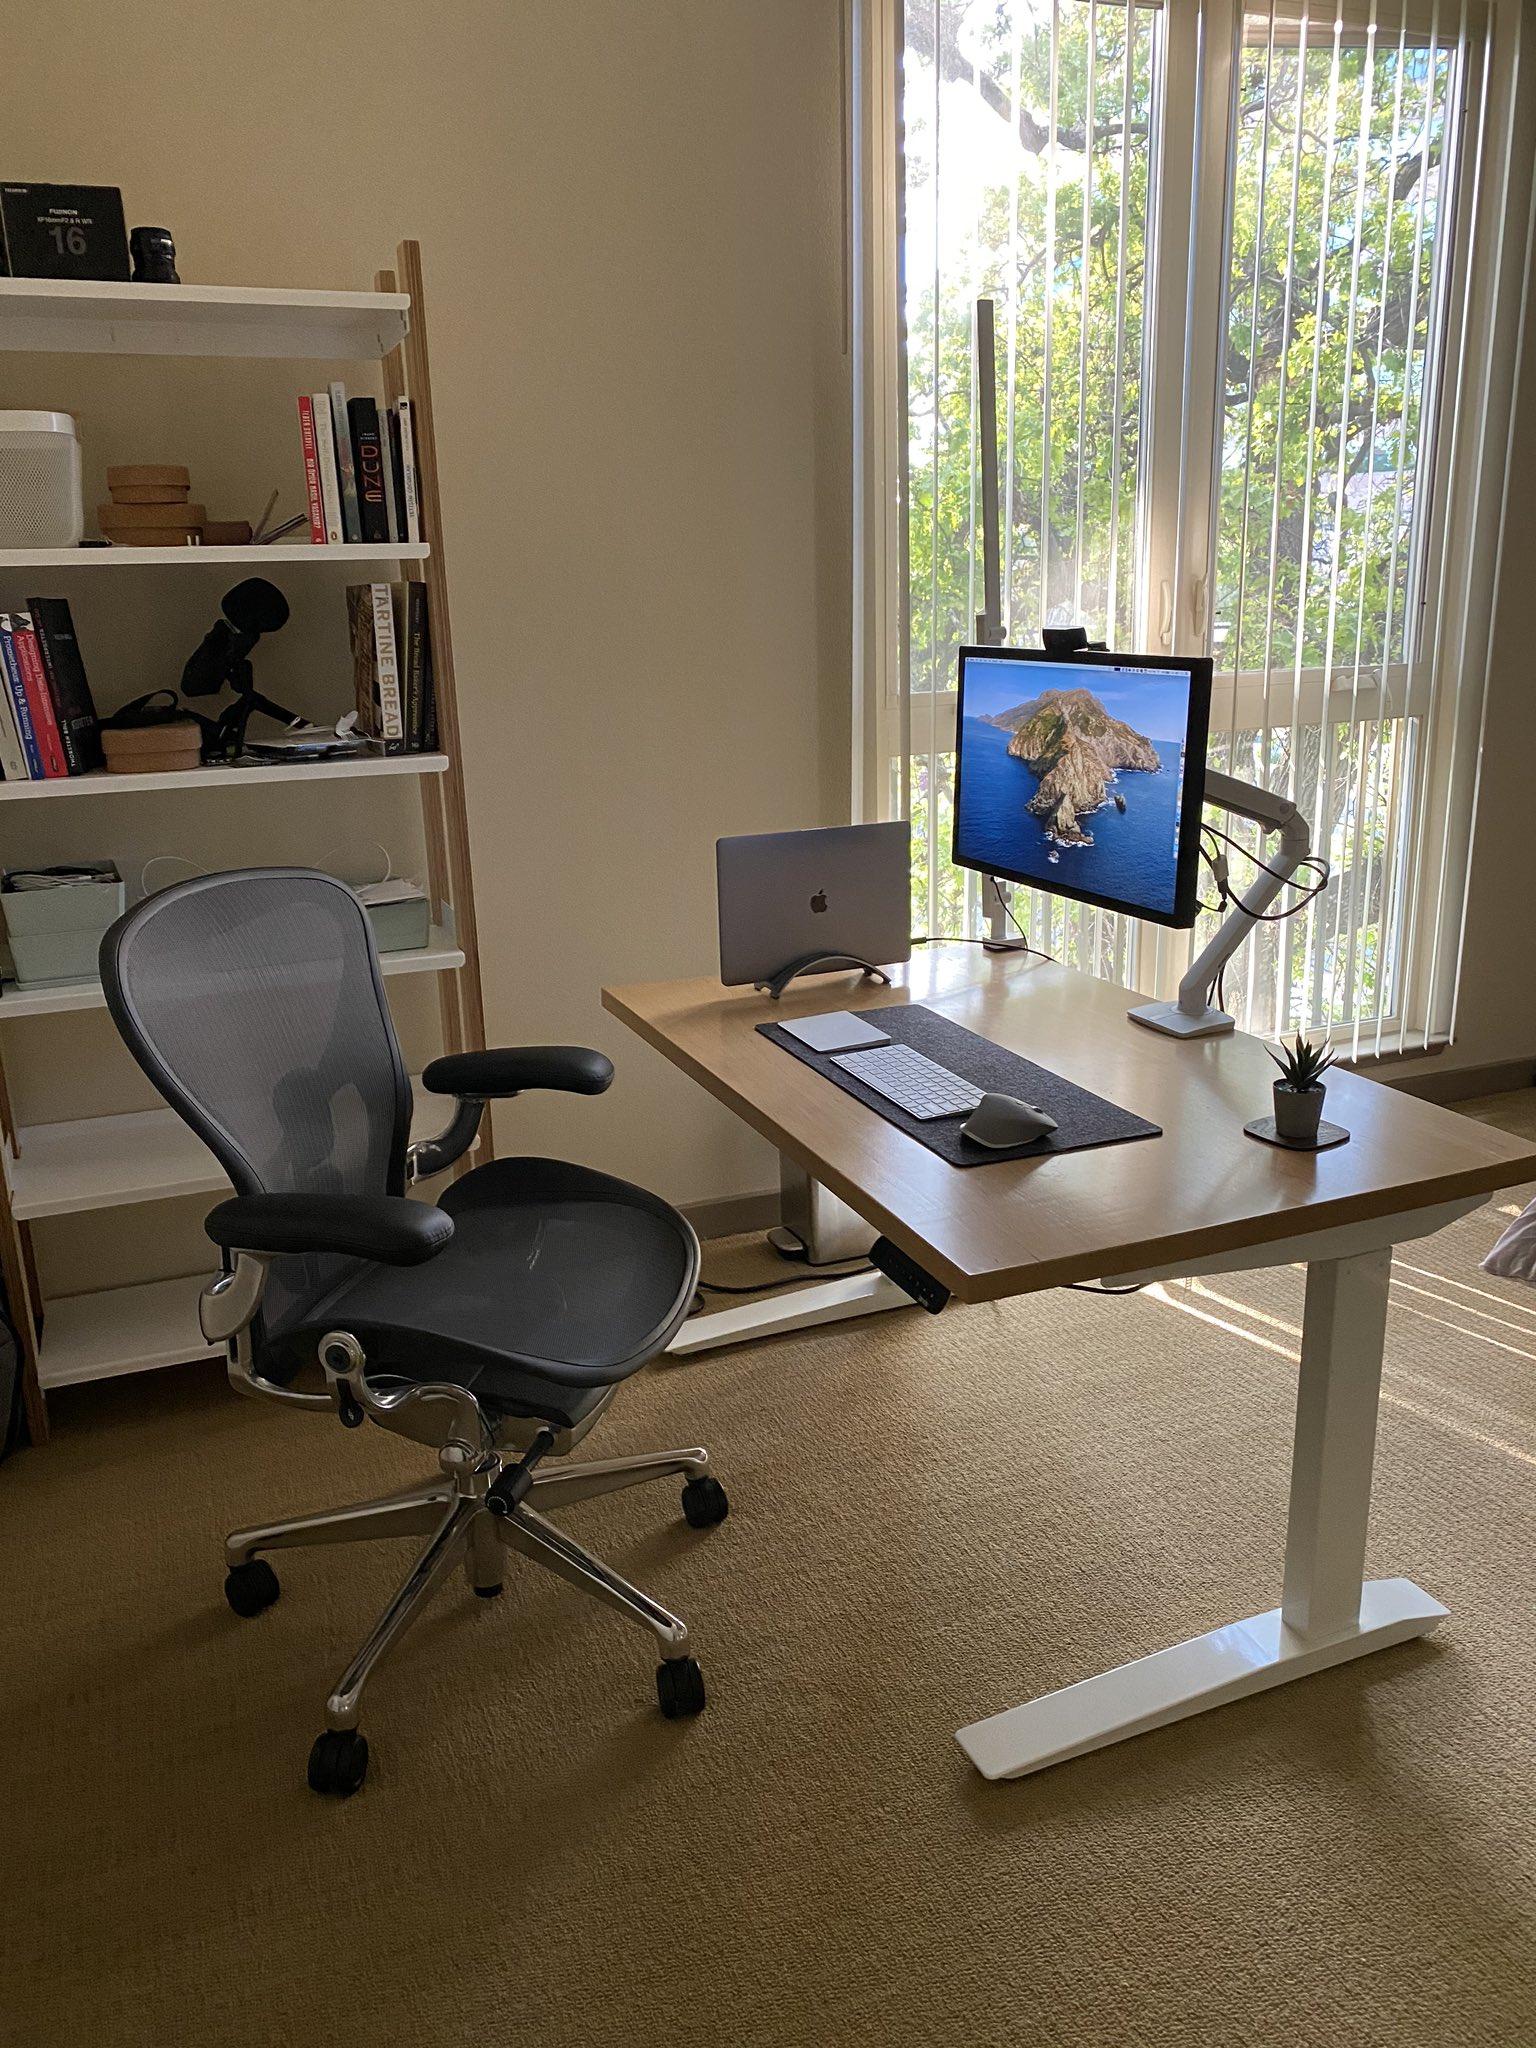 Fatih's minimal desk setup